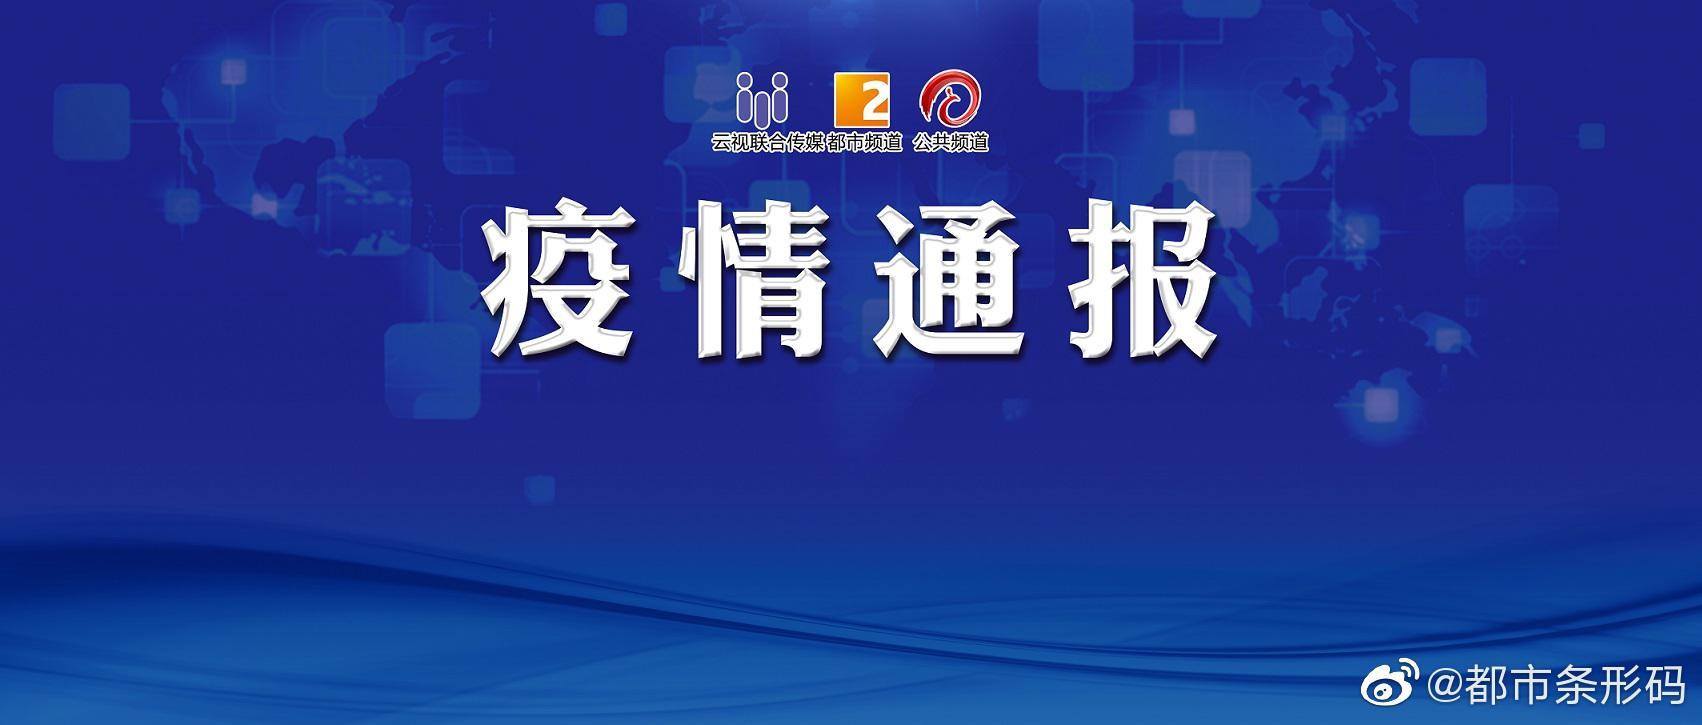 3月3日云南省新冠肺炎疫情情况:新增境外输入无症状感染者1例